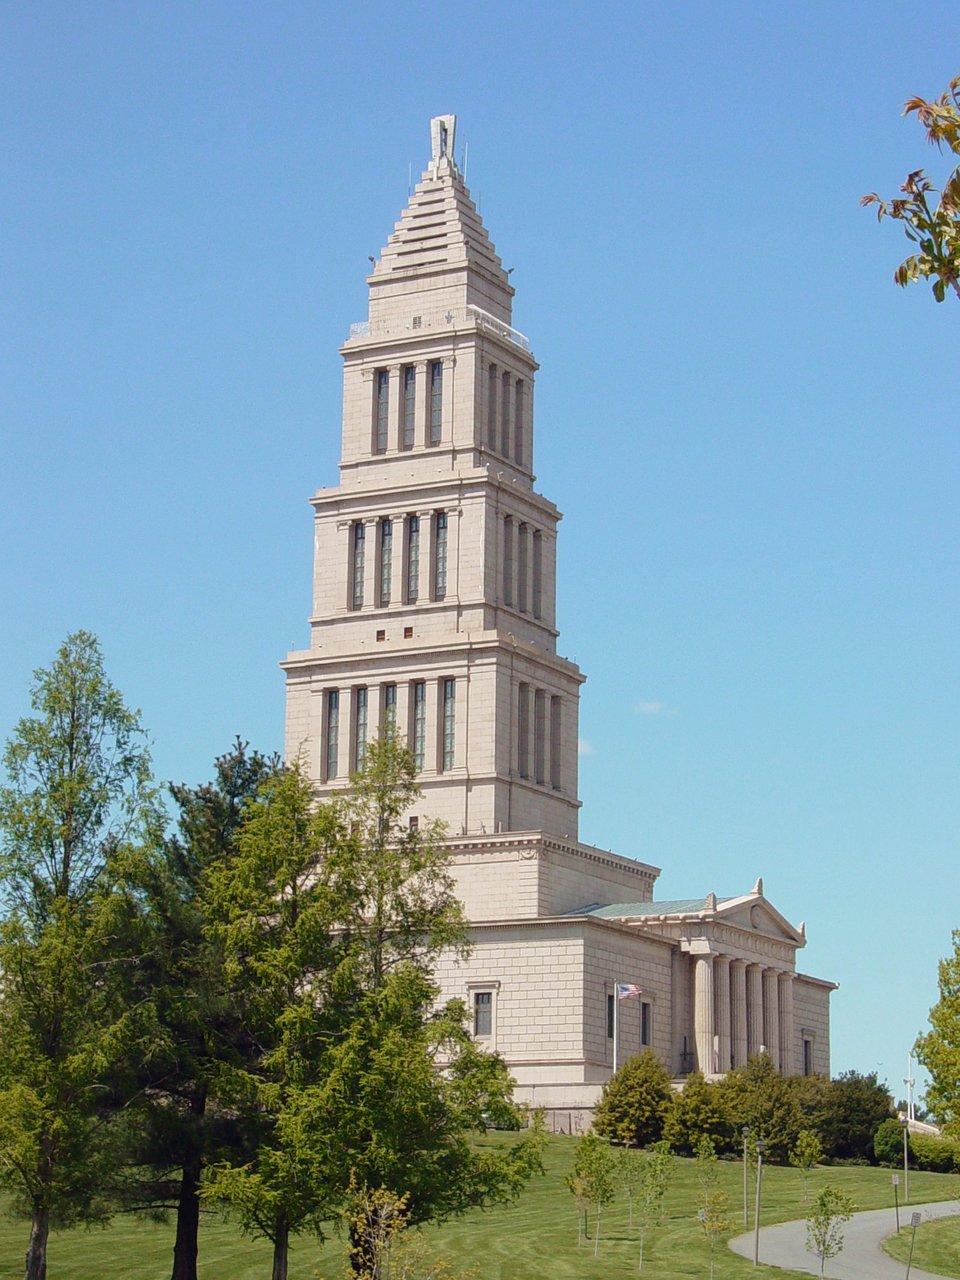 GeorgeWashington Masonic National Memorial – Narodowy Pomnik Wolnomularski poświęcony Jerzemu Waszyngtonowi wAlexsandrii wstanie Wirginia nieopodal stołecznego Waszyngtonu. Pomnik powstał wlatach 1823-1932. Prezentowany budynek główny ma wiele znaczeń inawiązań symbolicznych – np. portyk wejściowy przypomina Partenon, kolejne kondygnacje zbudowane zostały wg kolejnych porządków greckich: doryckiego, jońskiego, korynckiego, całość zwieńczono czymś, co przypomina piramidę, ajednocześniejest nawiązaniem do latarni morskiej stojącej wporcie Aleksandrii na wyspie Faros (jeden zcudów świata antycznego). Jedno zpięter stanowi muzeum poświęcone Jerzemu Waszyngtonowi, który też był członkiem loży masońskiej. GeorgeWashington Masonic National Memorial – Narodowy Pomnik Wolnomularski poświęcony Jerzemu Waszyngtonowi wAlexsandrii wstanie Wirginia nieopodal stołecznego Waszyngtonu. Pomnik powstał wlatach 1823-1932. Prezentowany budynek główny ma wiele znaczeń inawiązań symbolicznych – np. portyk wejściowy przypomina Partenon, kolejne kondygnacje zbudowane zostały wg kolejnych porządków greckich: doryckiego, jońskiego, korynckiego, całość zwieńczono czymś, co przypomina piramidę, ajednocześniejest nawiązaniem do latarni morskiej stojącej wporcie Aleksandrii na wyspie Faros (jeden zcudów świata antycznego). Jedno zpięter stanowi muzeum poświęcone Jerzemu Waszyngtonowi, który też był członkiem loży masońskiej. Źródło: Ben Schumin, Wikimedia Commons, licencja: CC BY-SA 2.5.